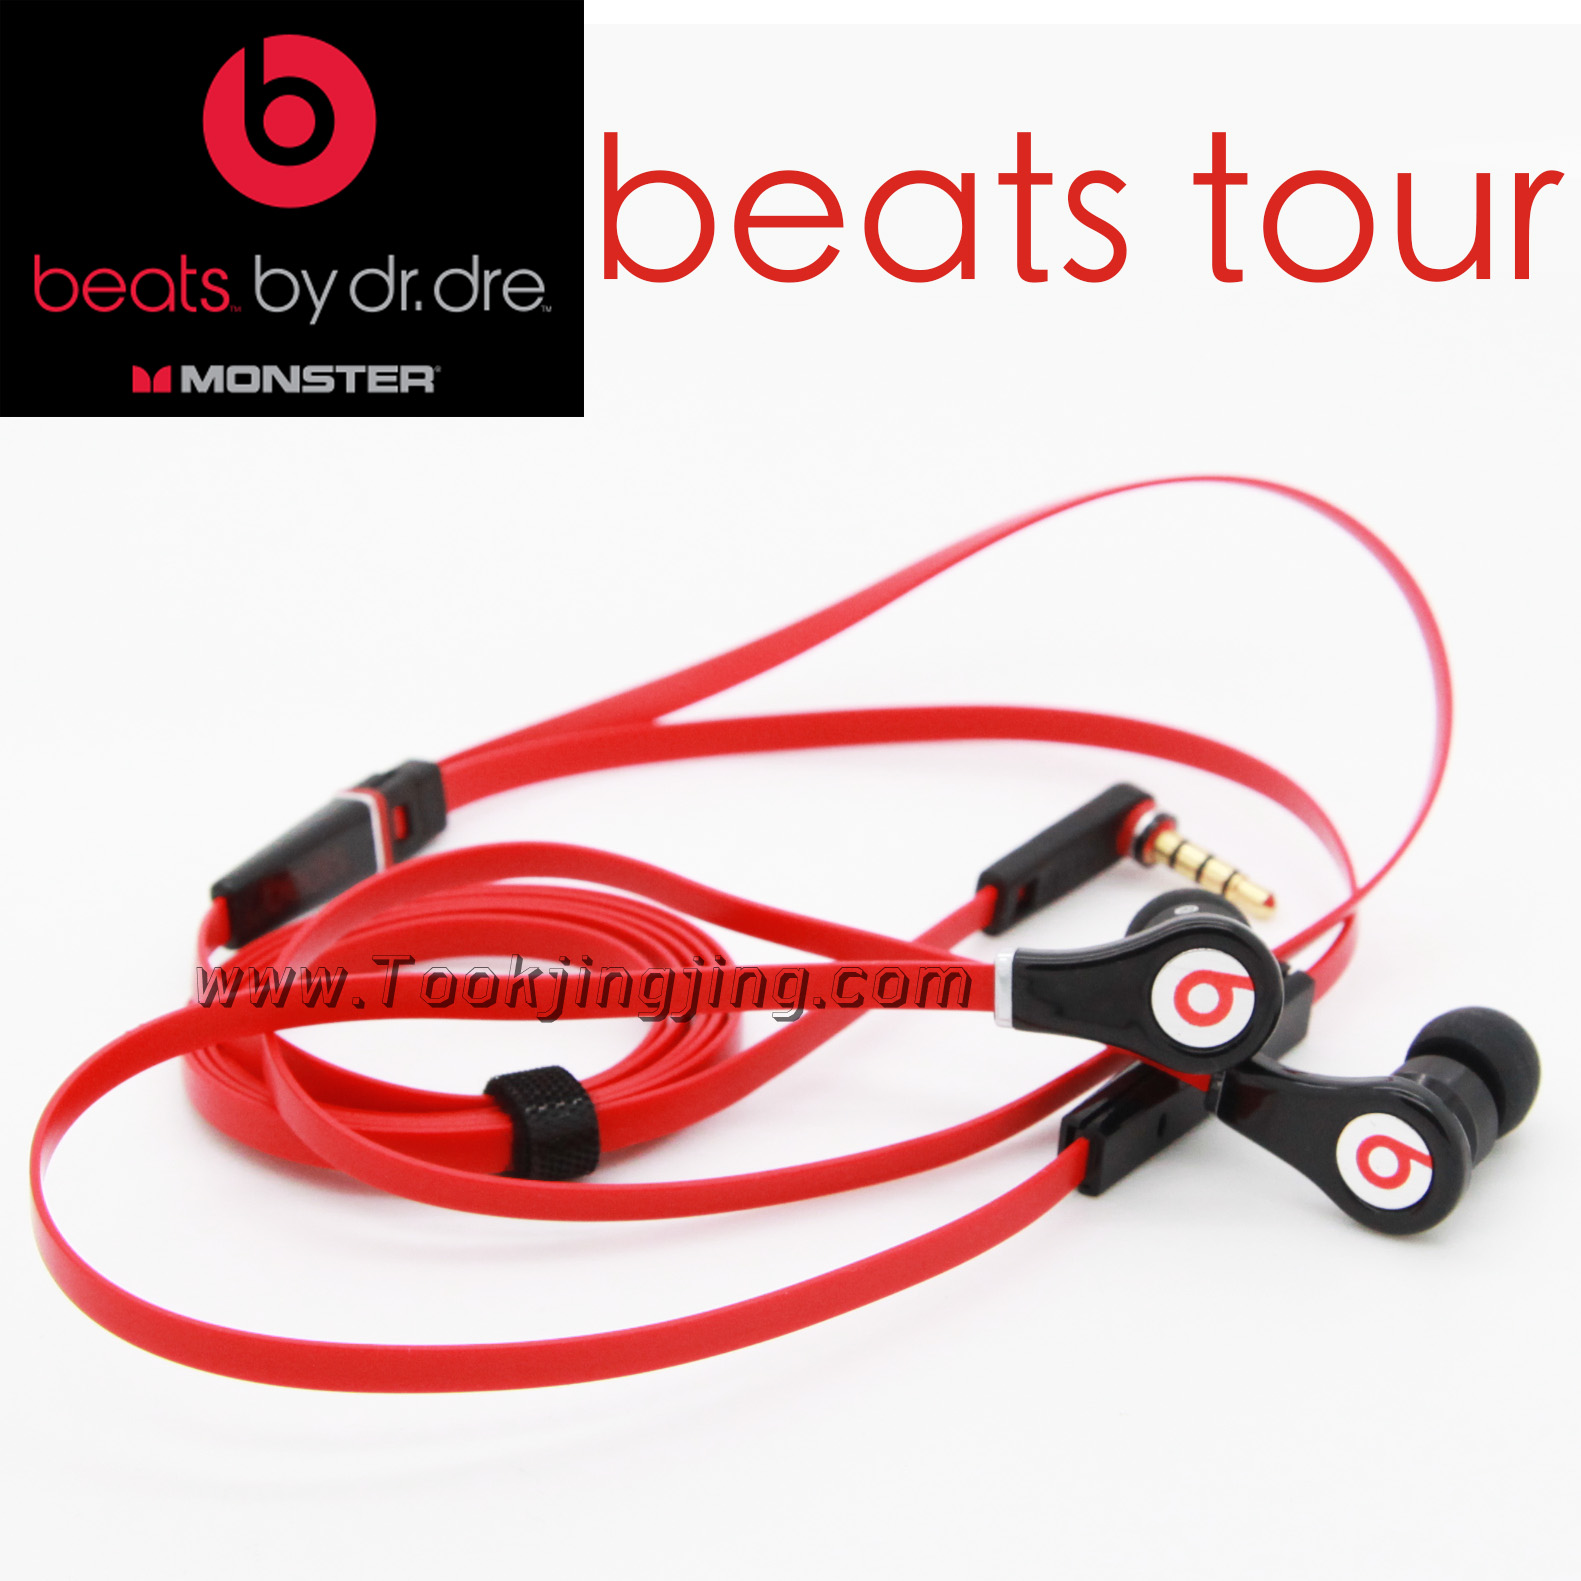 หูฟัง สมอลล์ทอล์ค Beats by dr.dre Tour ลดเหลือ 275 บาท ปกติ 700 บาท